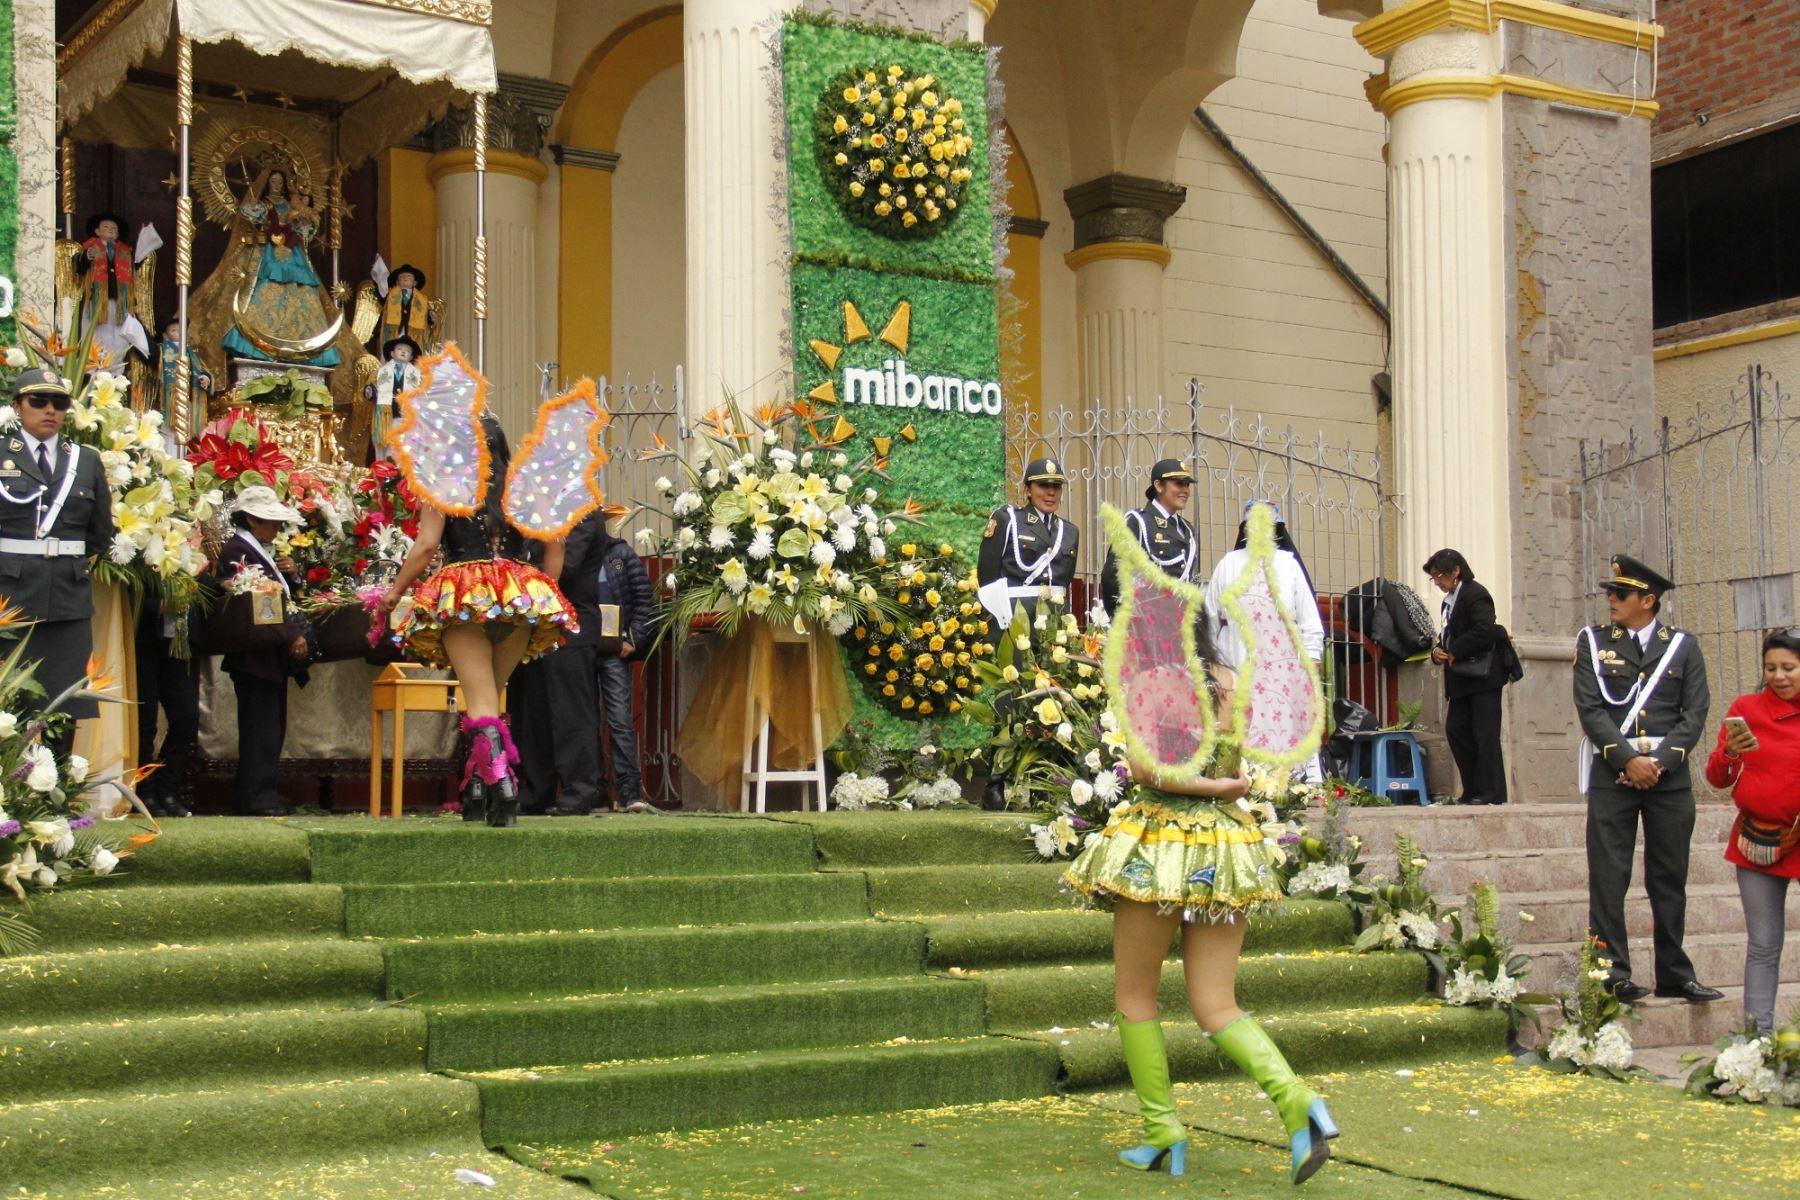 Danzantes peregrinan con fe y devoción a la Virgen de la Candelaria en Puno. ANDINA